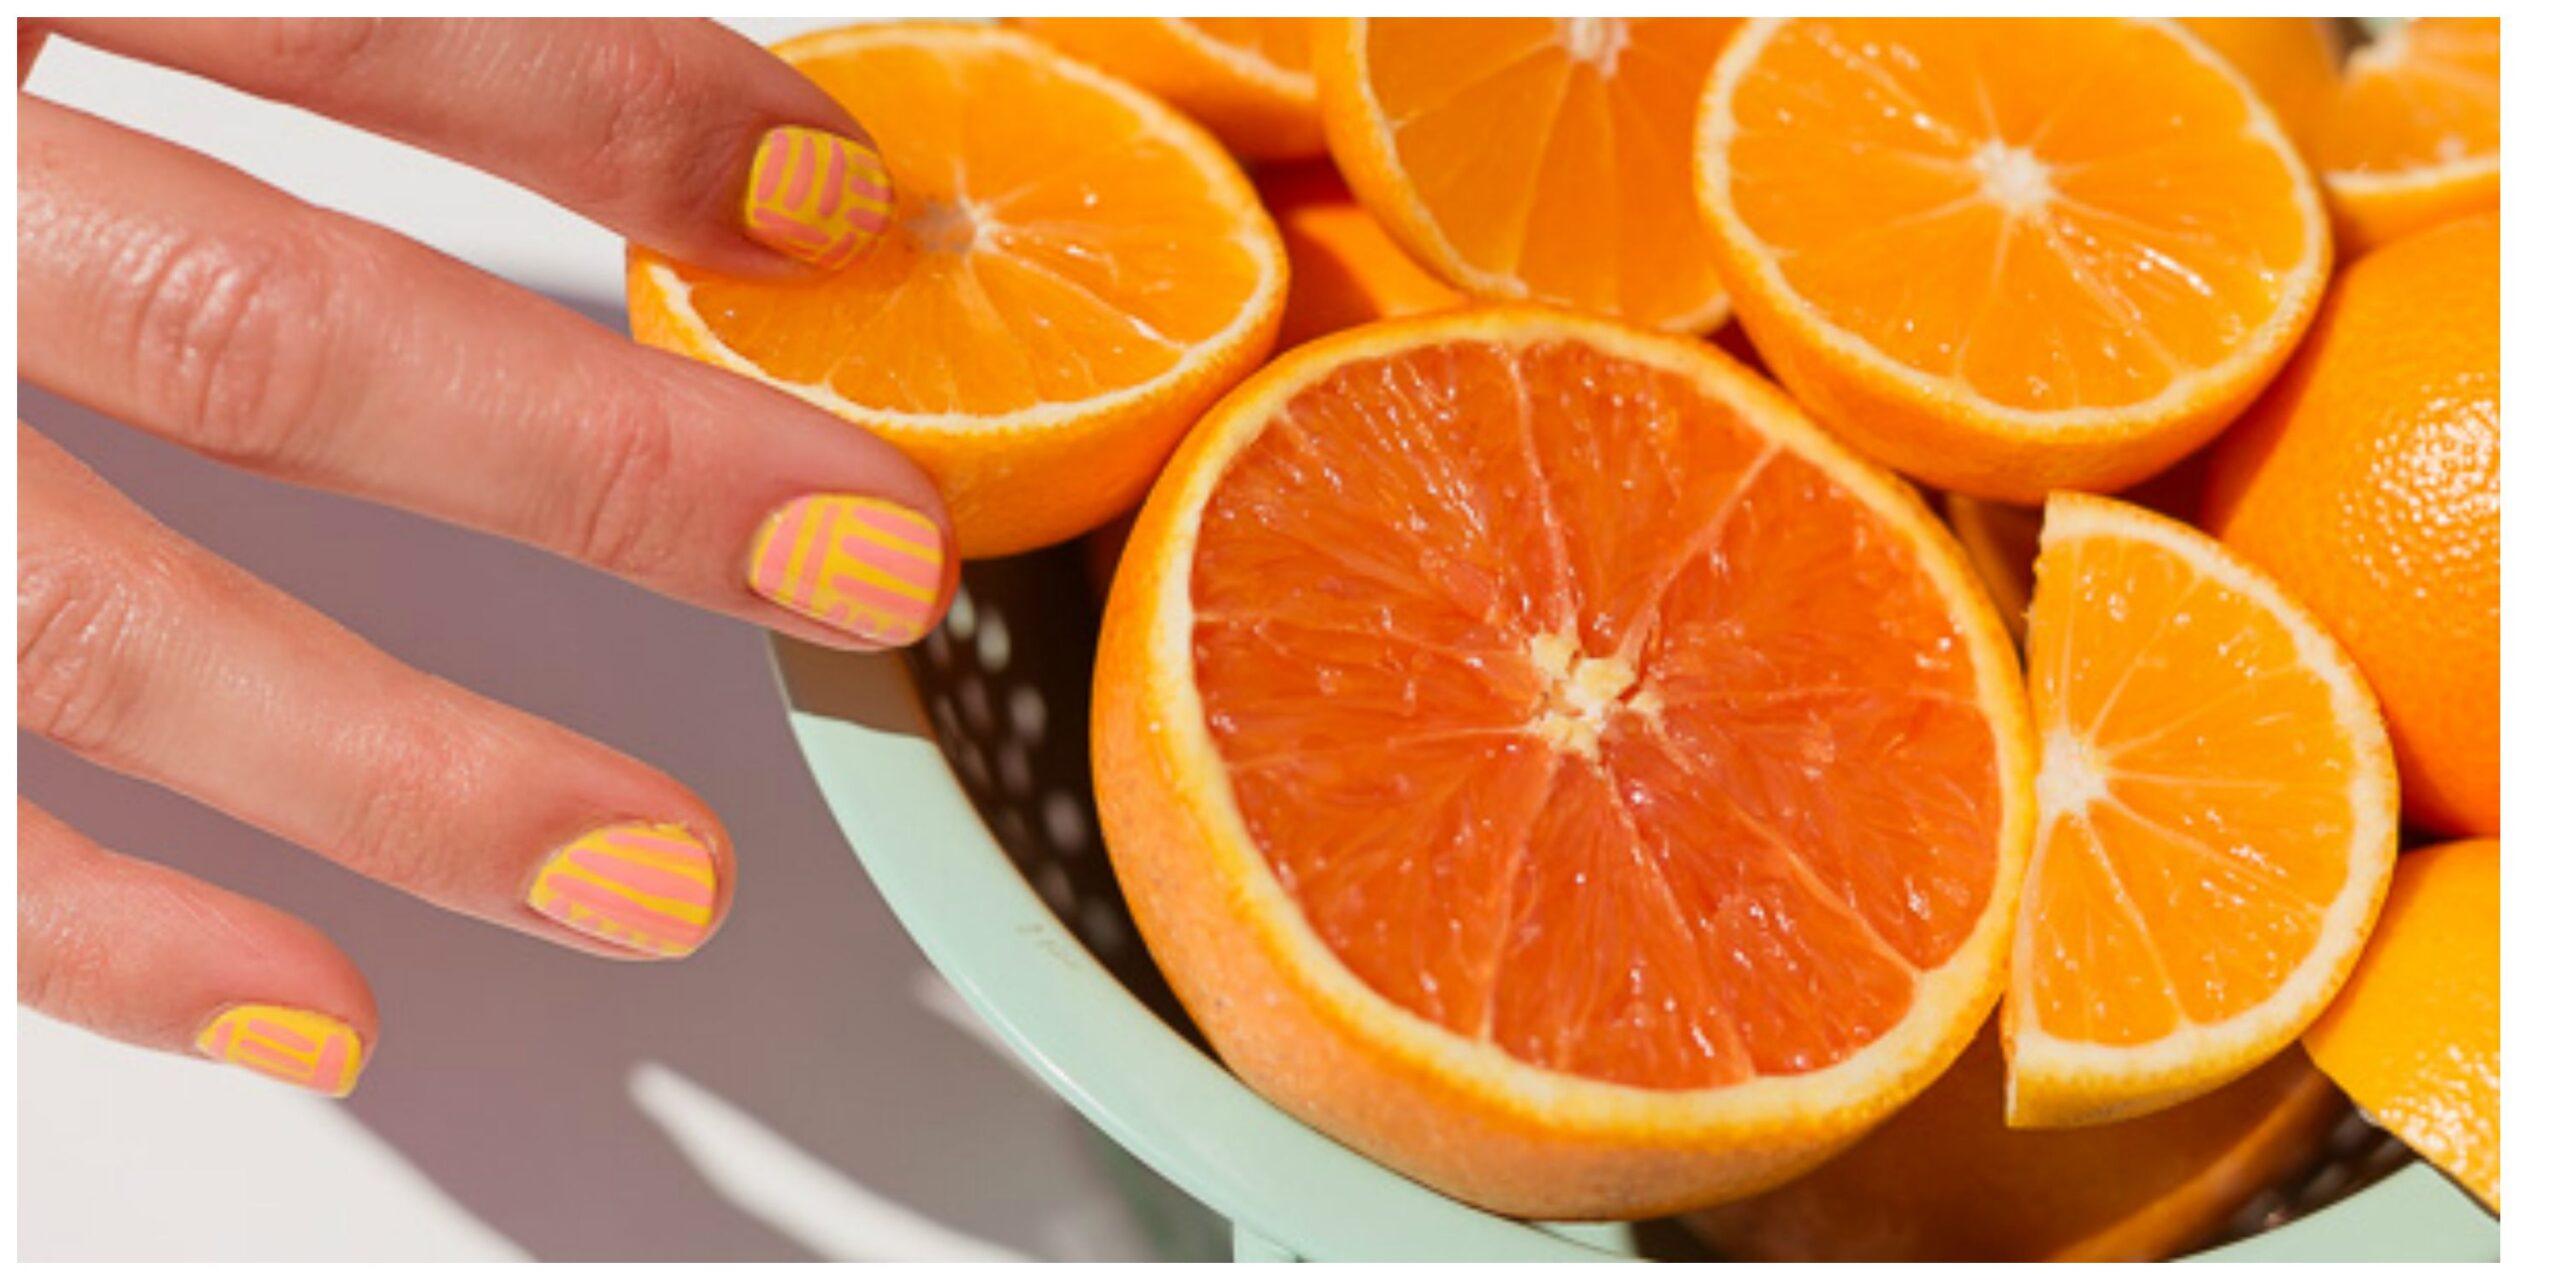 Come stendere lo smalto creando i colori dell'arancia